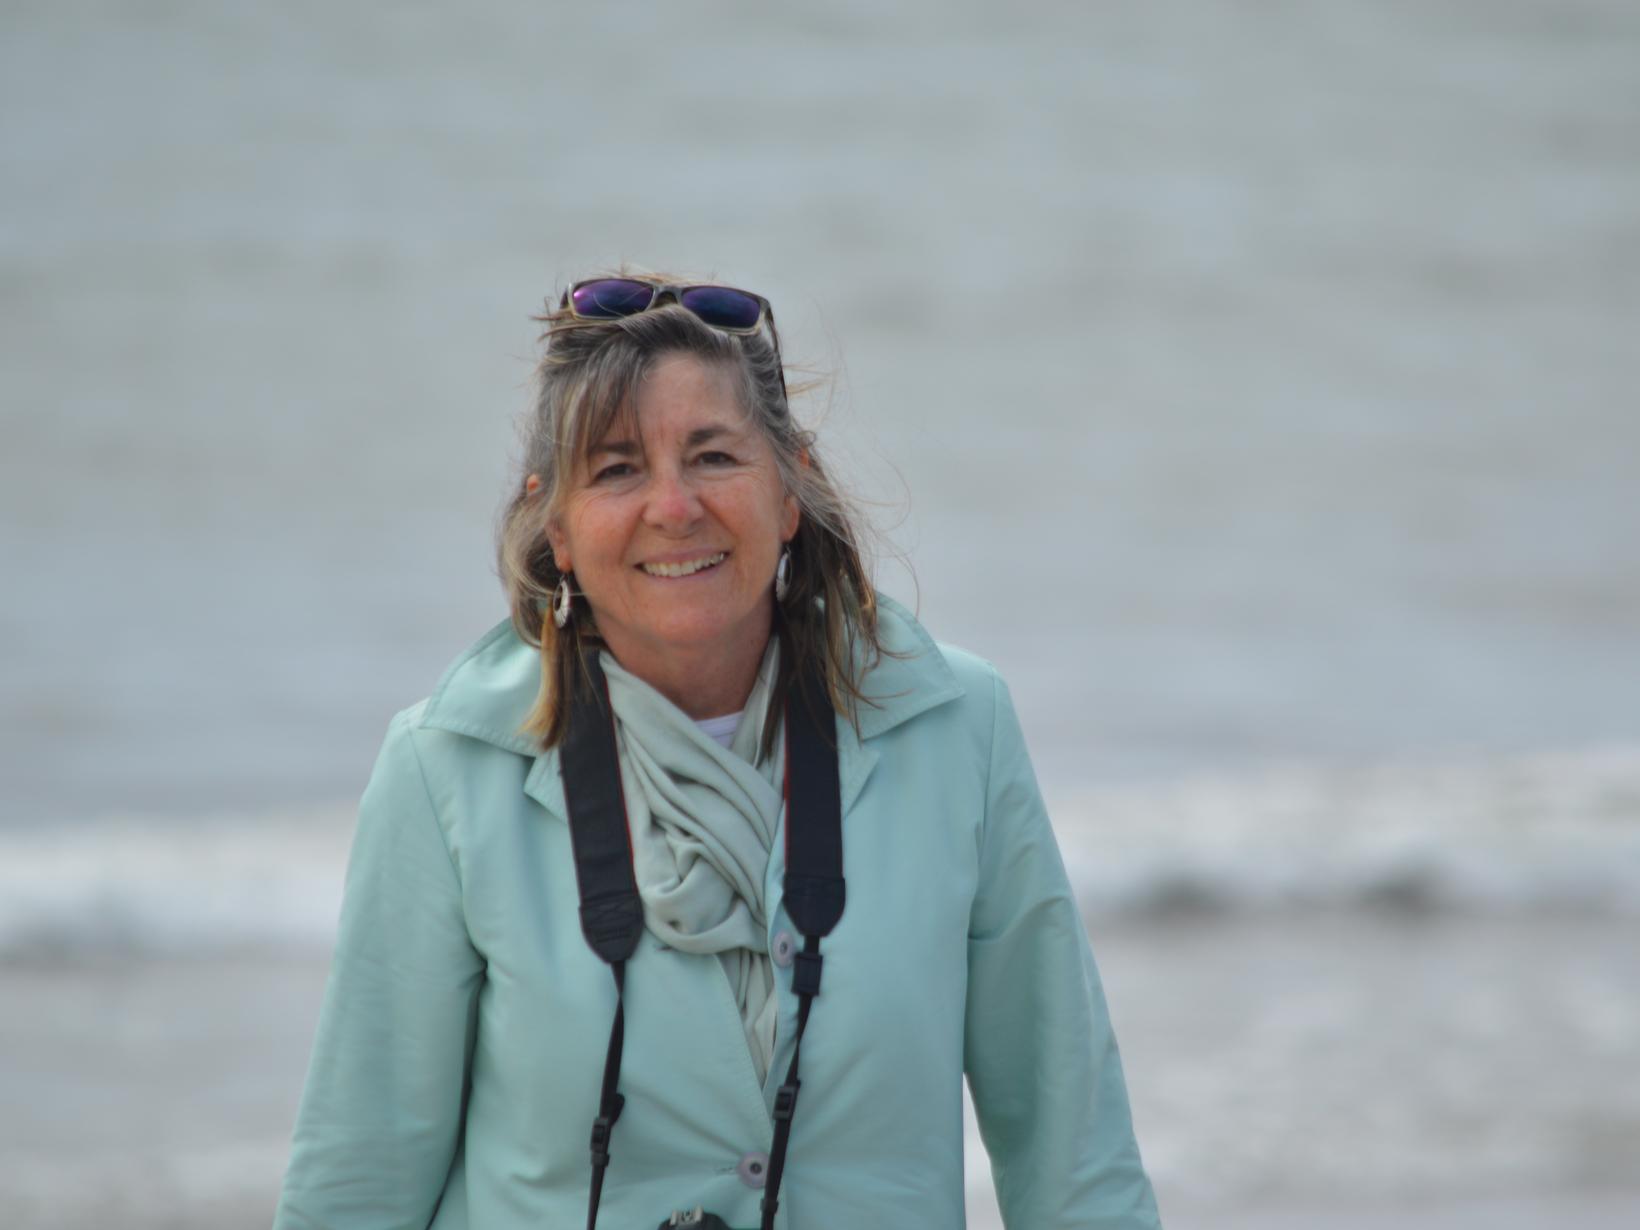 Kathleen from Tucson, Arizona, United States